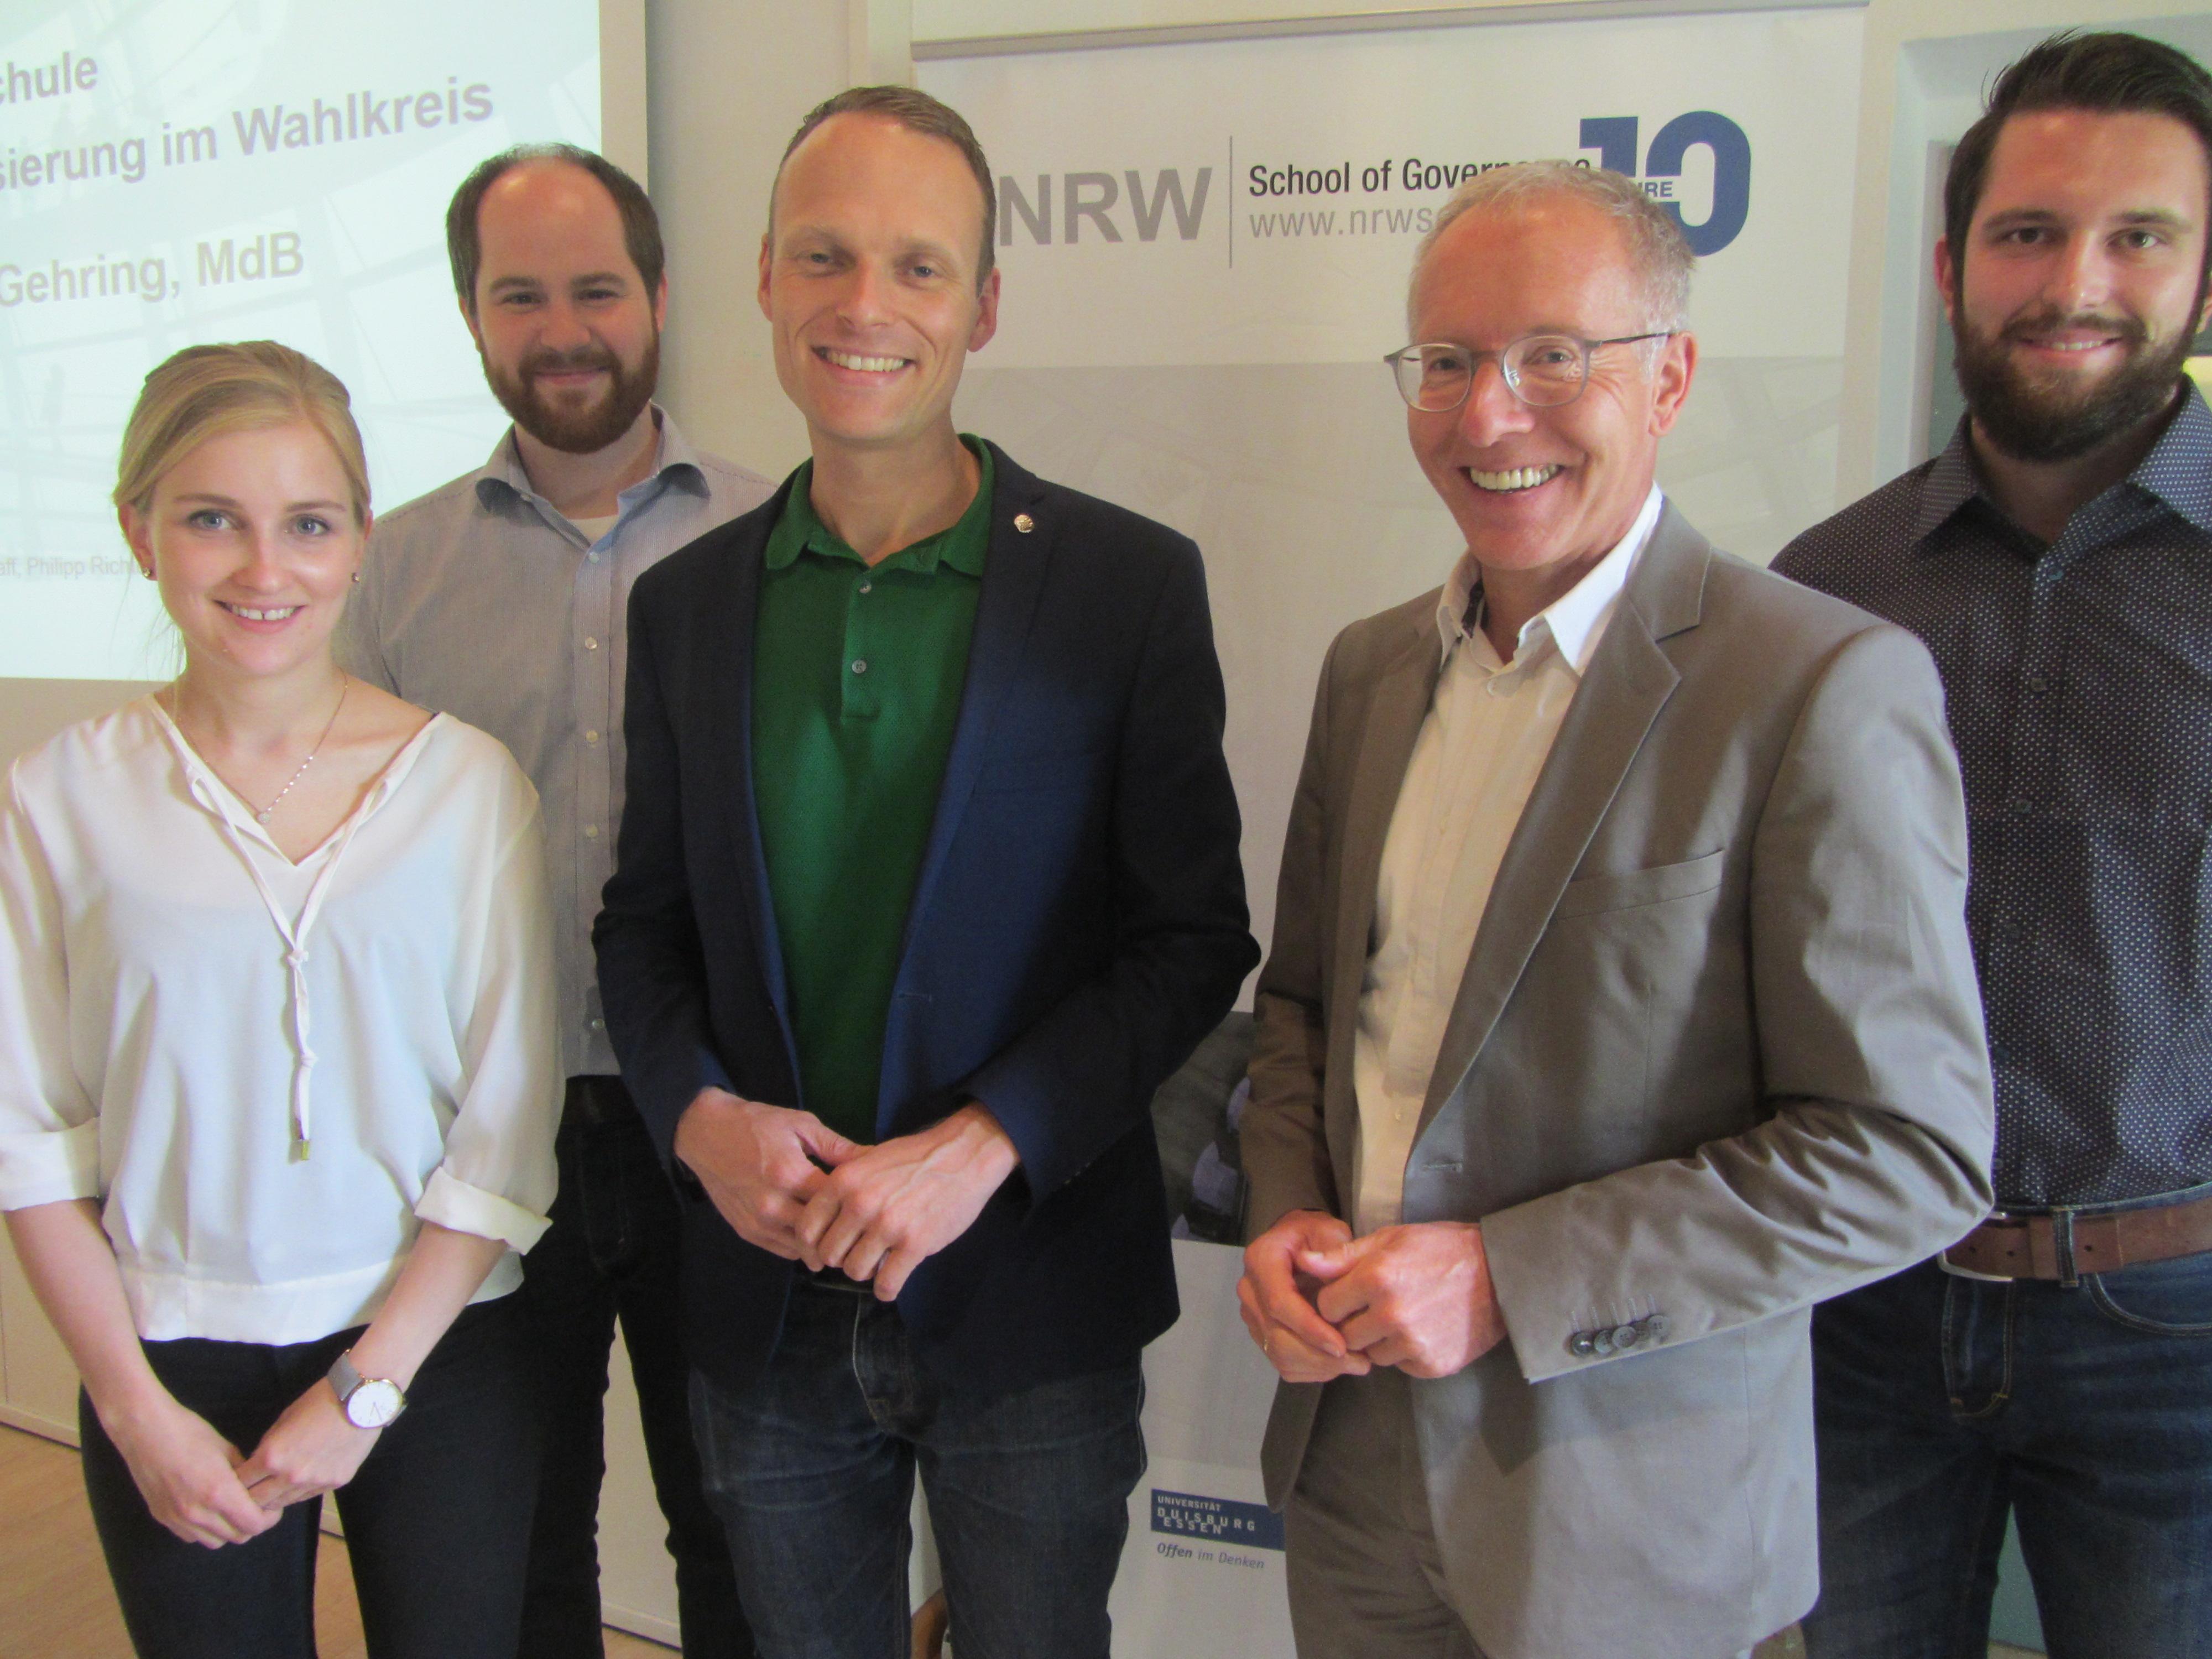 Als dritten Gast konnten wir im Seminar zur Bundestagswahl 2017 Martin Gehring (MdB; Mitte) begrüßen. Er berichtet über die Wahlkampforganisation der Grünen und gab Einblicke in die Gestaltung des Wahlprogramms.